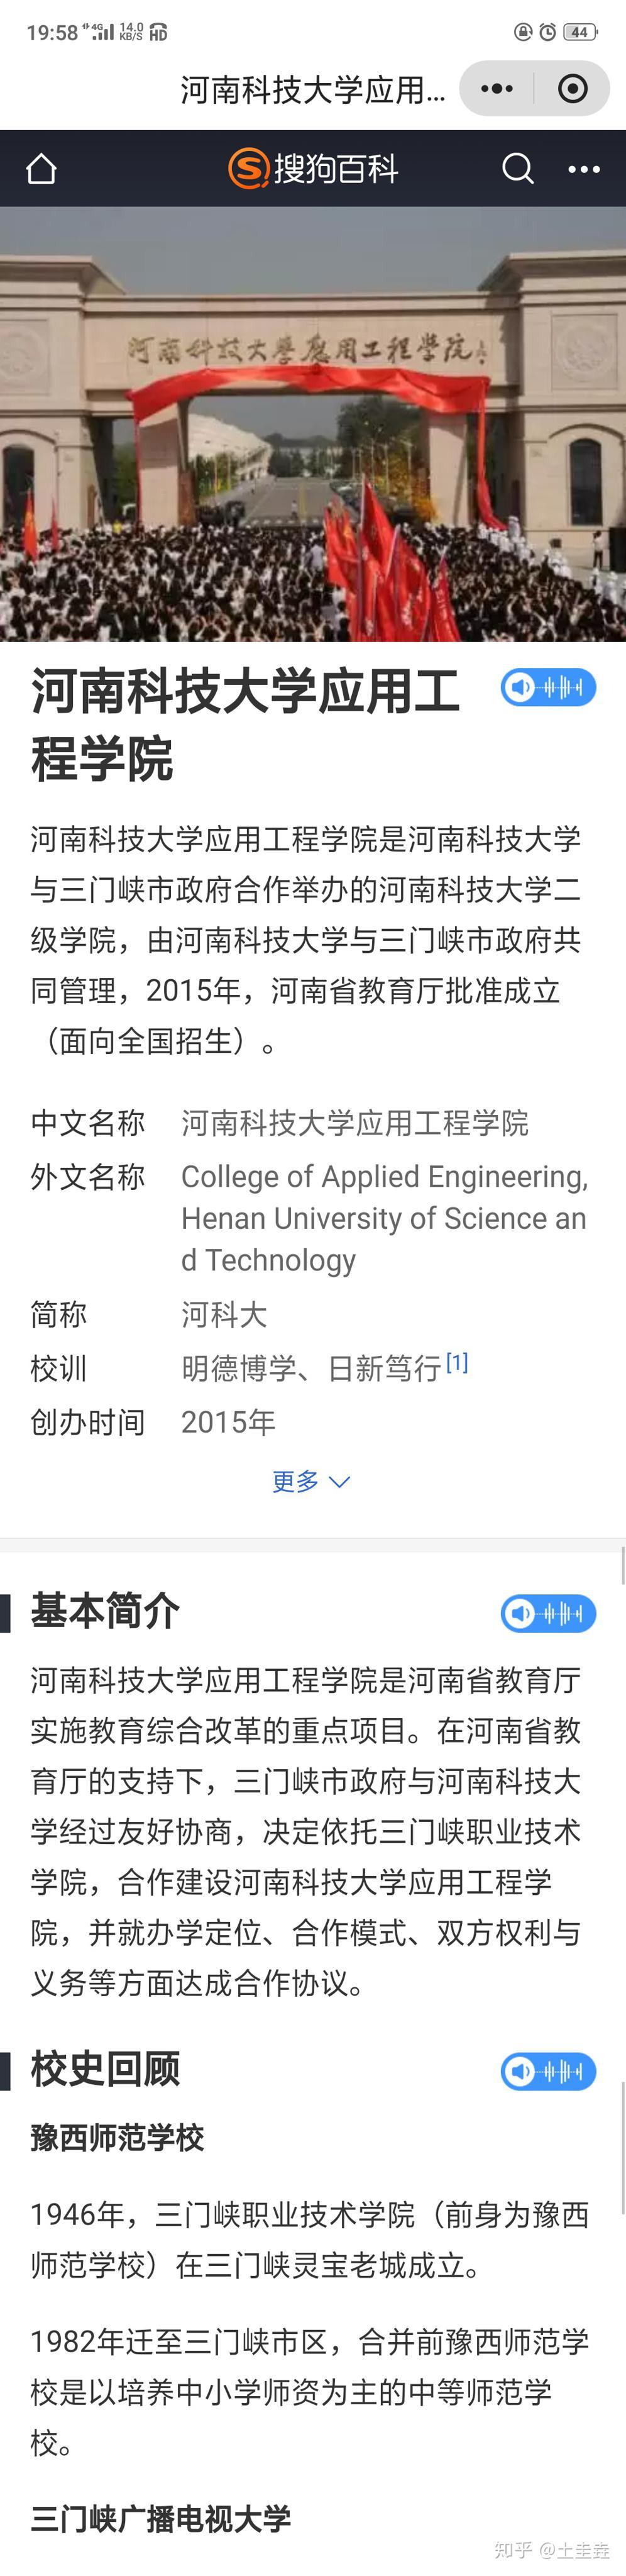 商丘工学院怎么样_河南工业大学二级院校(河南工业大学漯河工学院)怎么样? - 知乎